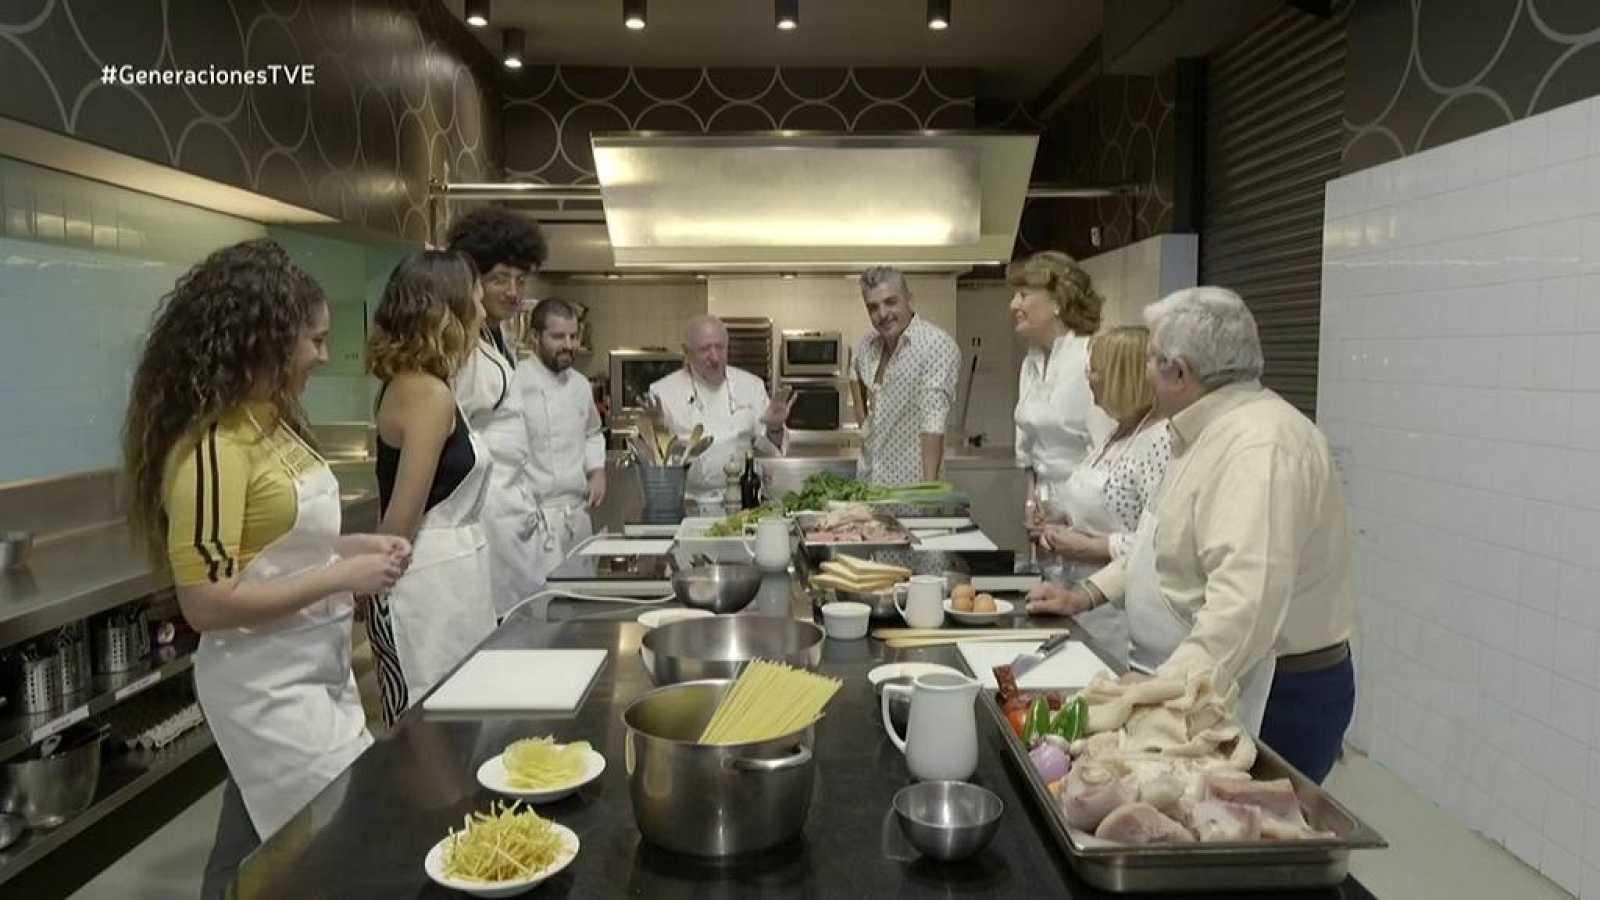 Generacion.es - Gastronomía - ver ahora